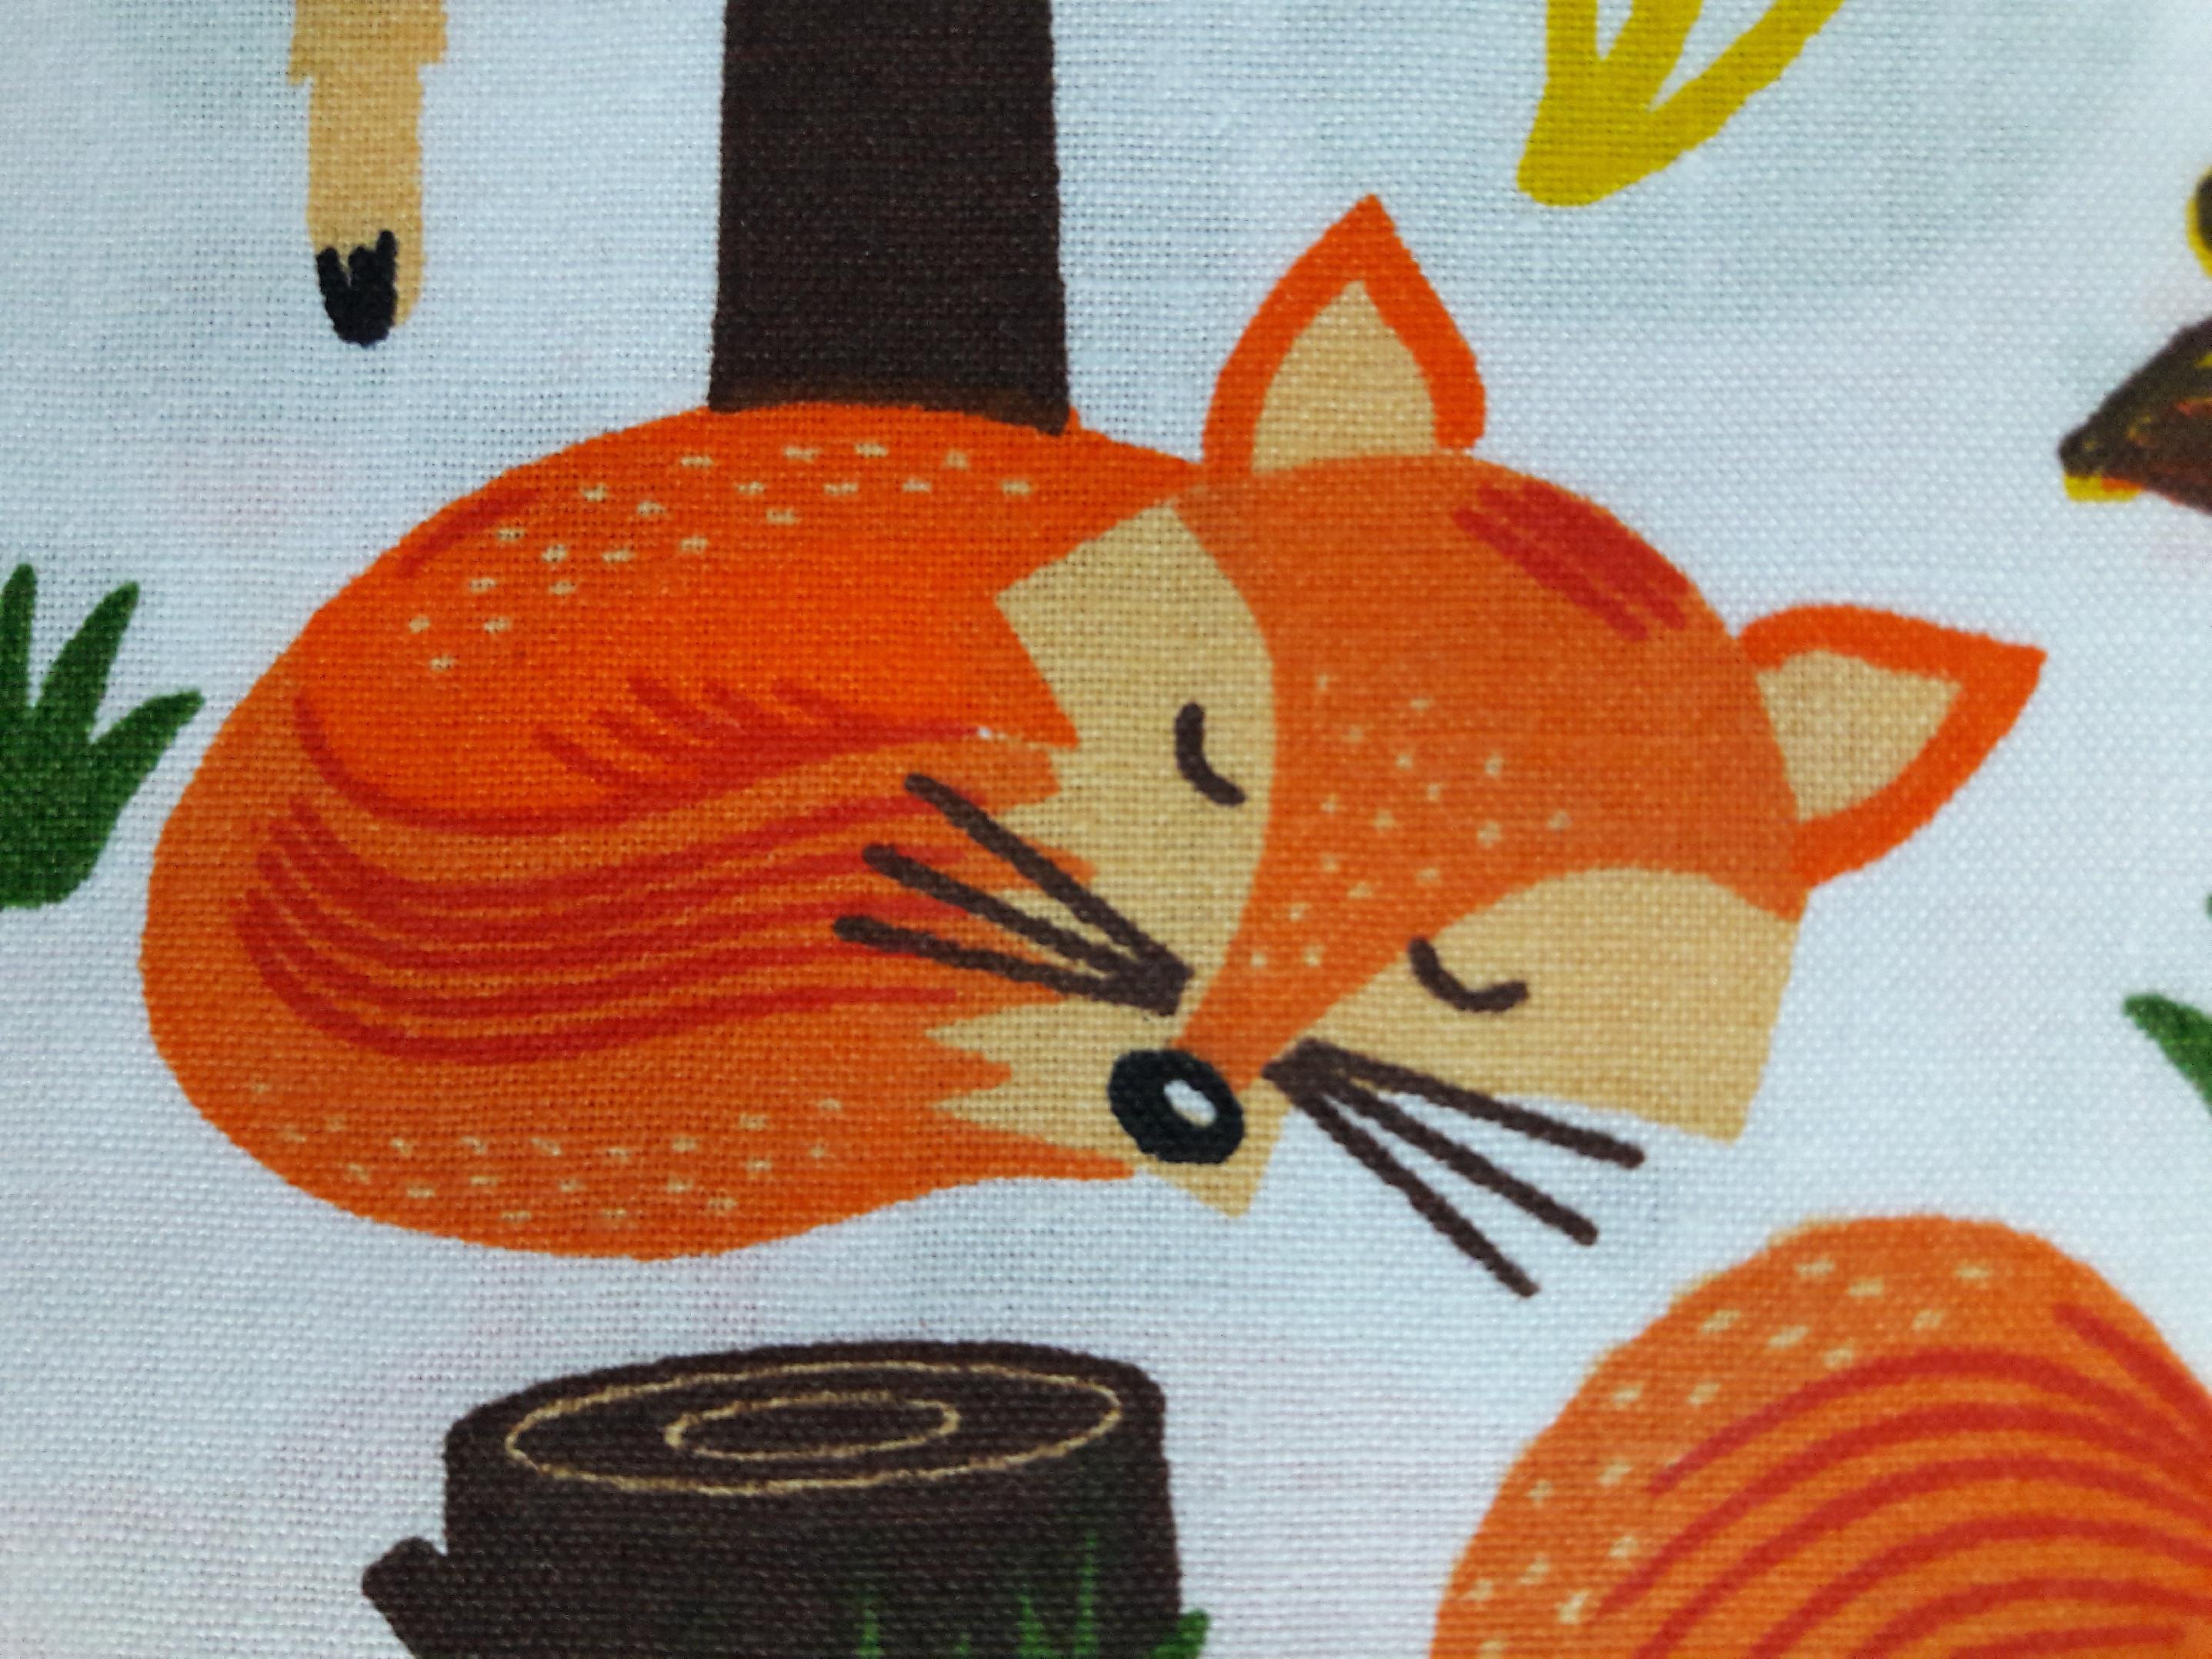 lišky, sovy, ježci, zajíčci